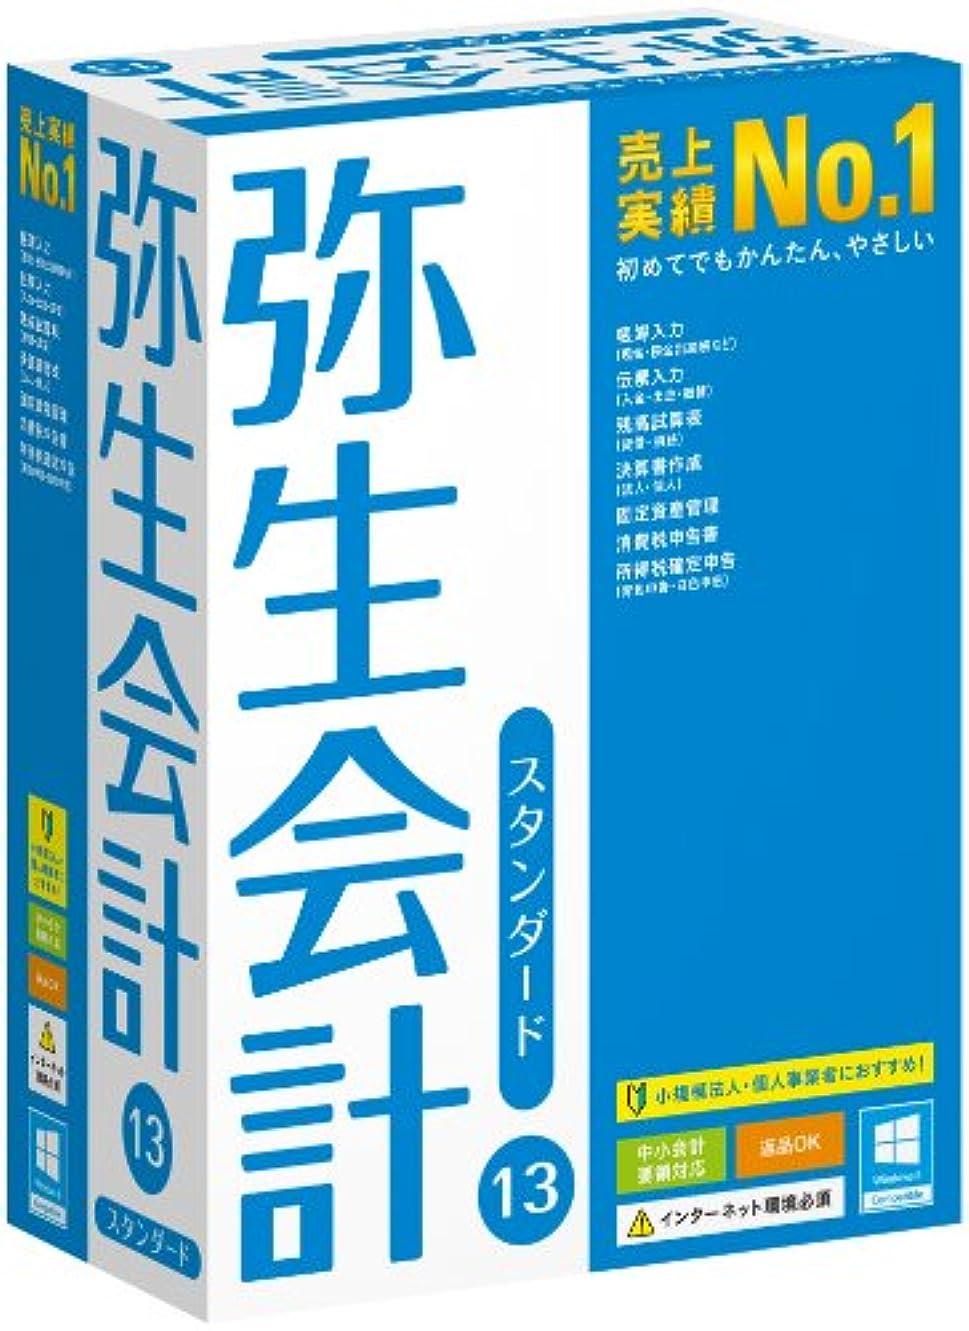 シプリー属性ソロ【旧商品】弥生会計 13 スタンダード